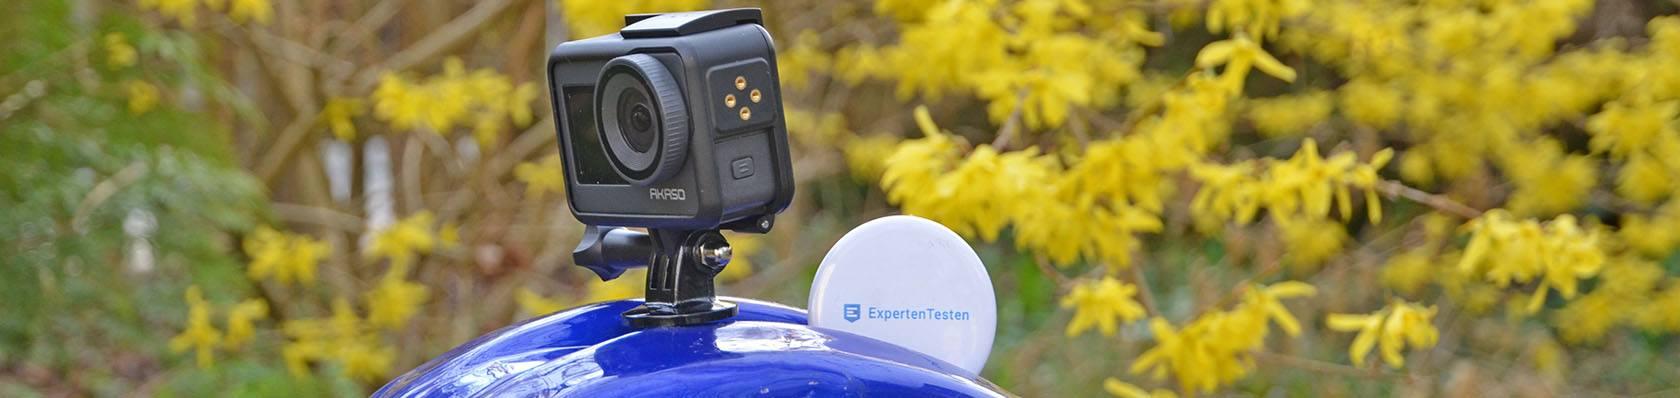 Action Cam im Test auf ExpertenTesten.de